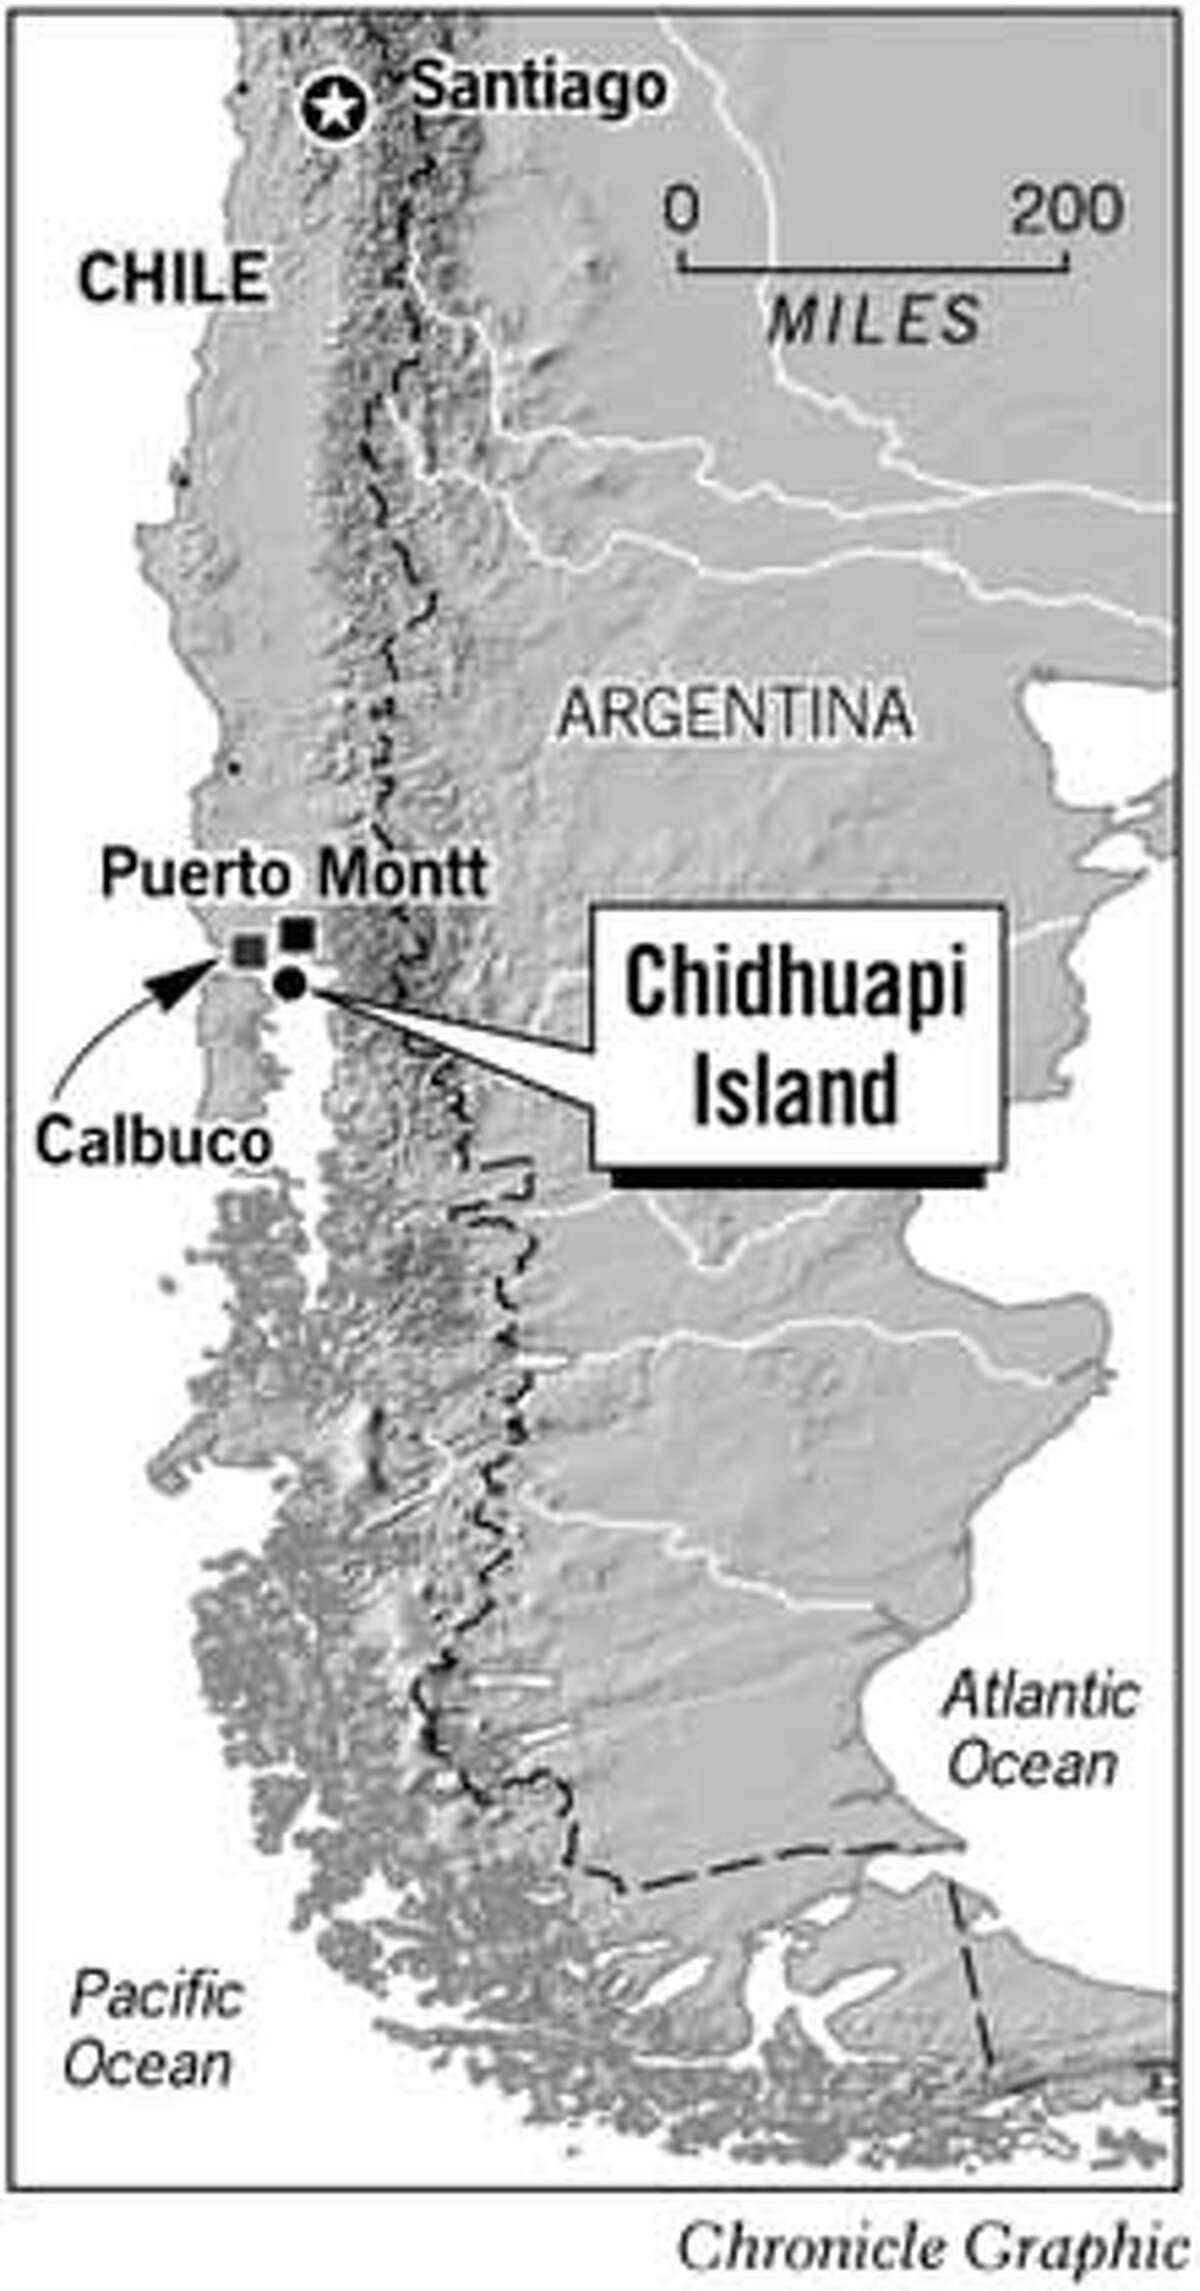 Chidhuapi Island. Chronicle Graphic